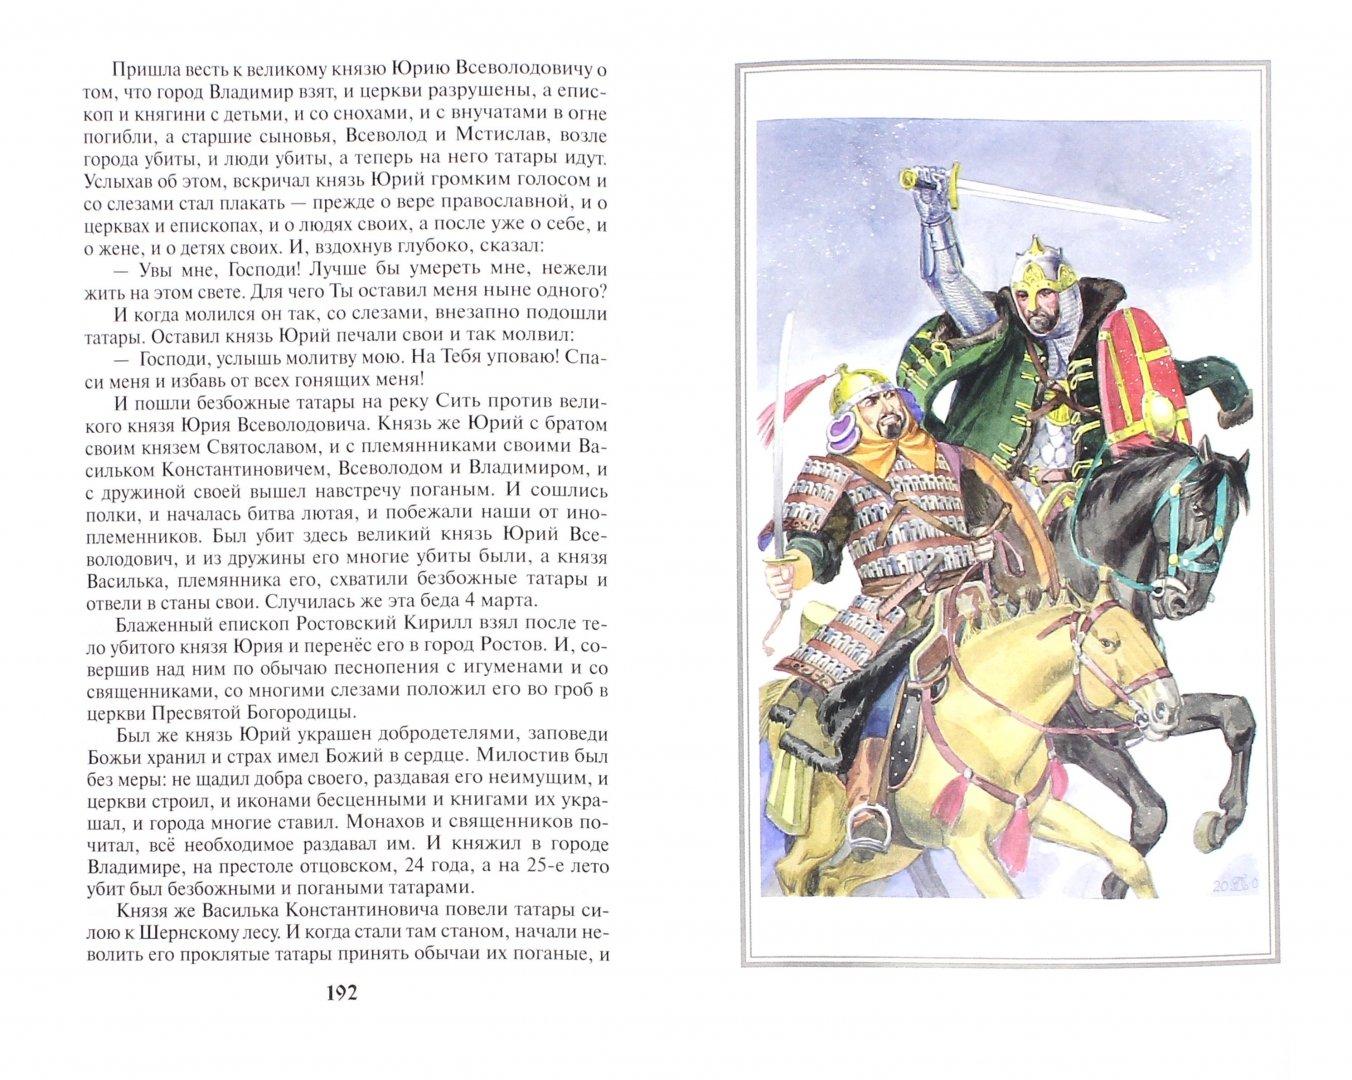 Иллюстрация 1 из 28 для Сказания Русской Летописи - Алексей Карпов | Лабиринт - книги. Источник: Лабиринт